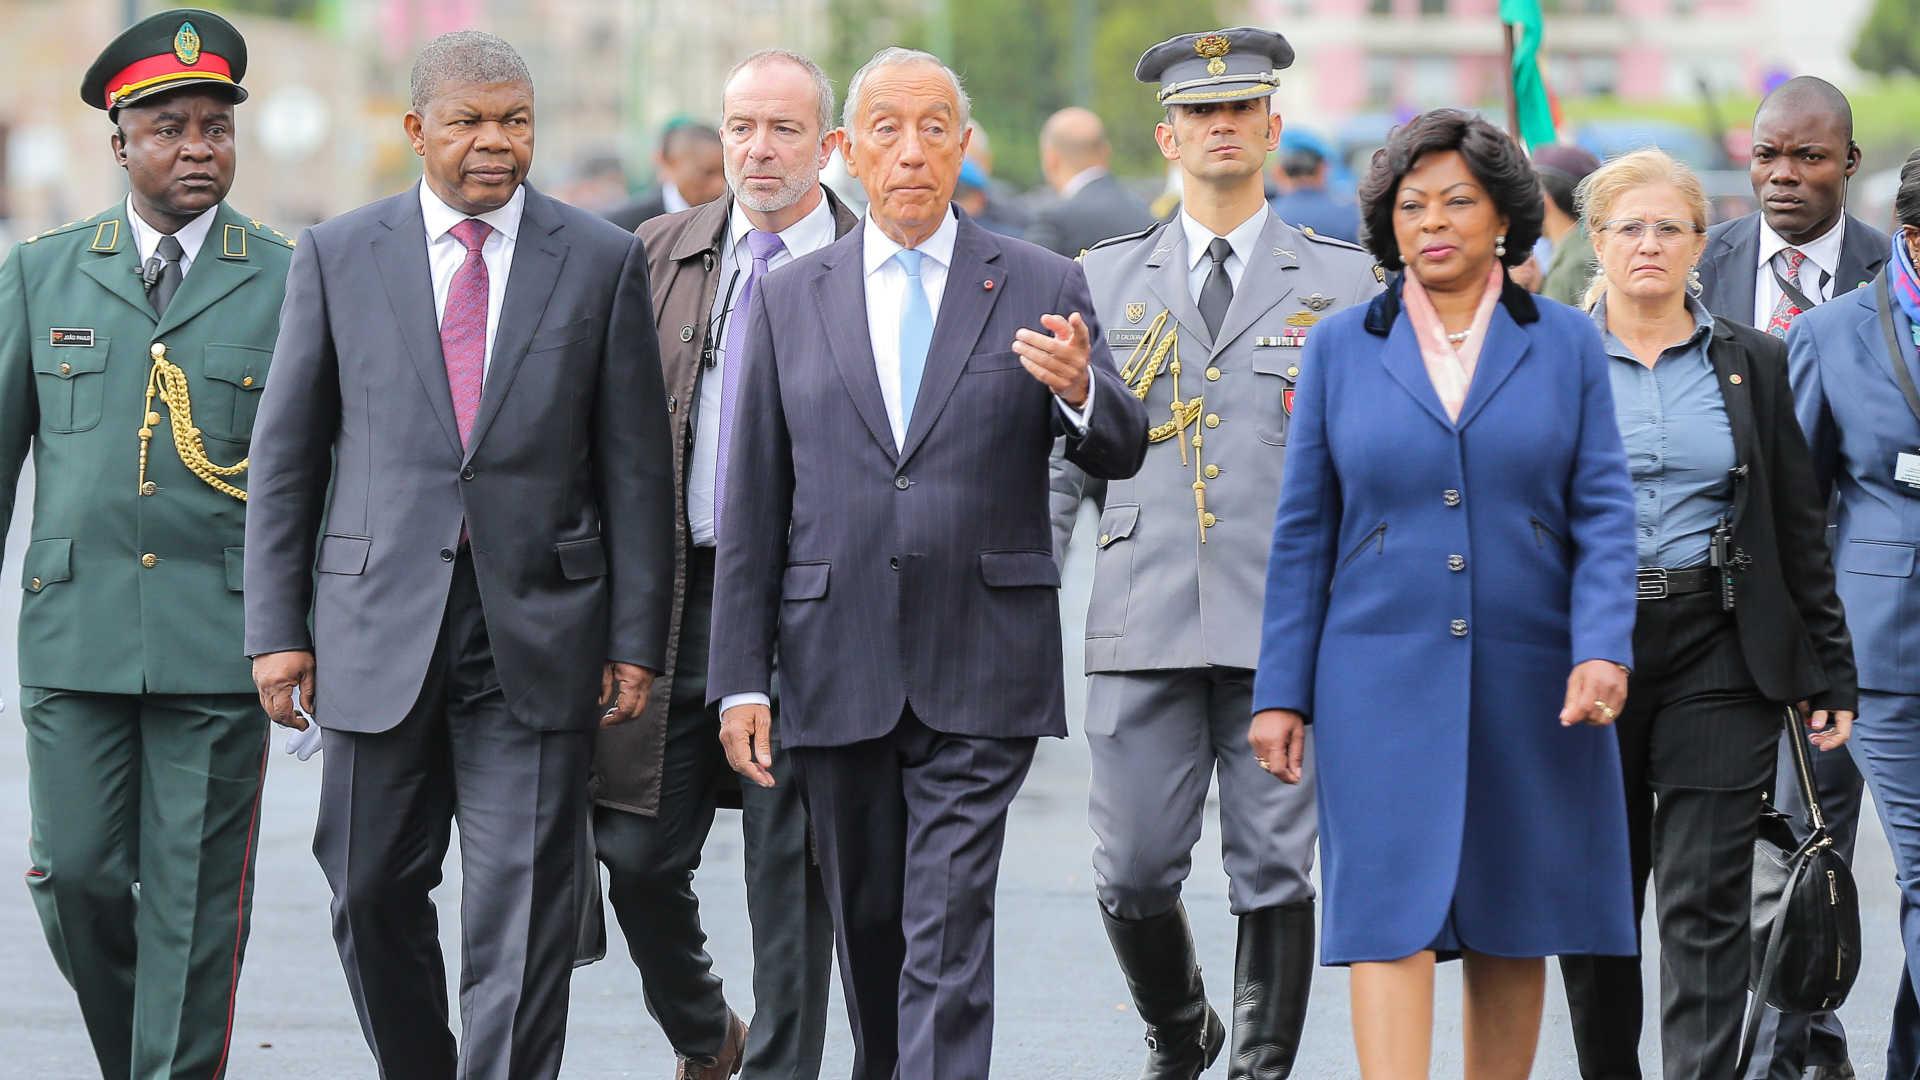 - jlo em portugal - João Lourenço inicia visita oficial a Portugal